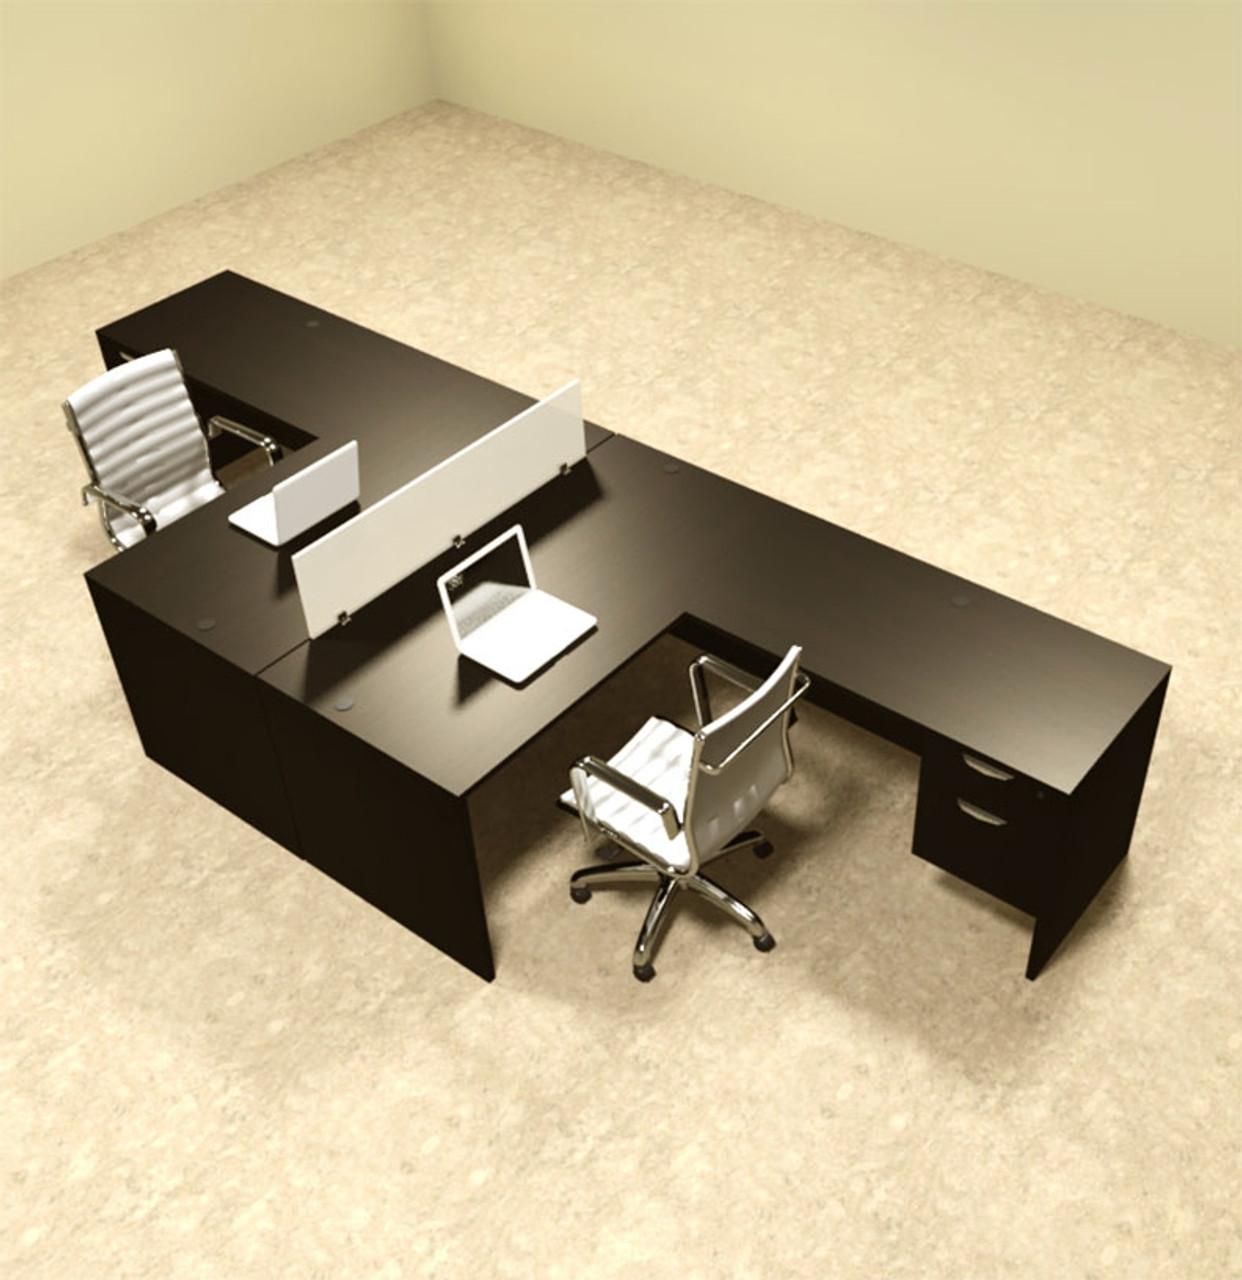 Two Person L Shaped Divider Office Workstation Desk Set, #OT-SUL-FP40